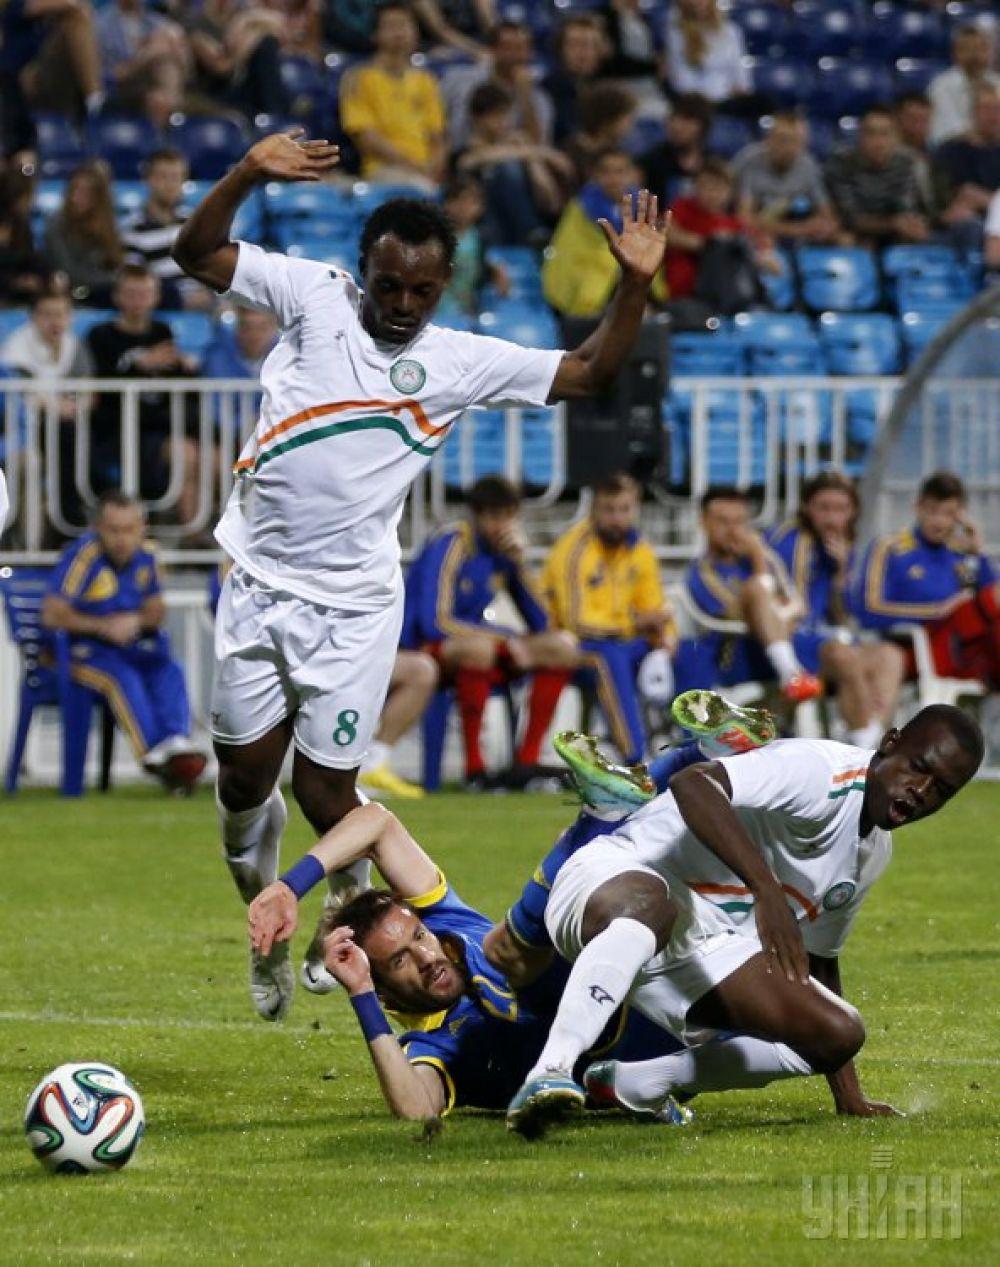 Сборной Нигера не удалось обыграть национальную сборную Украины